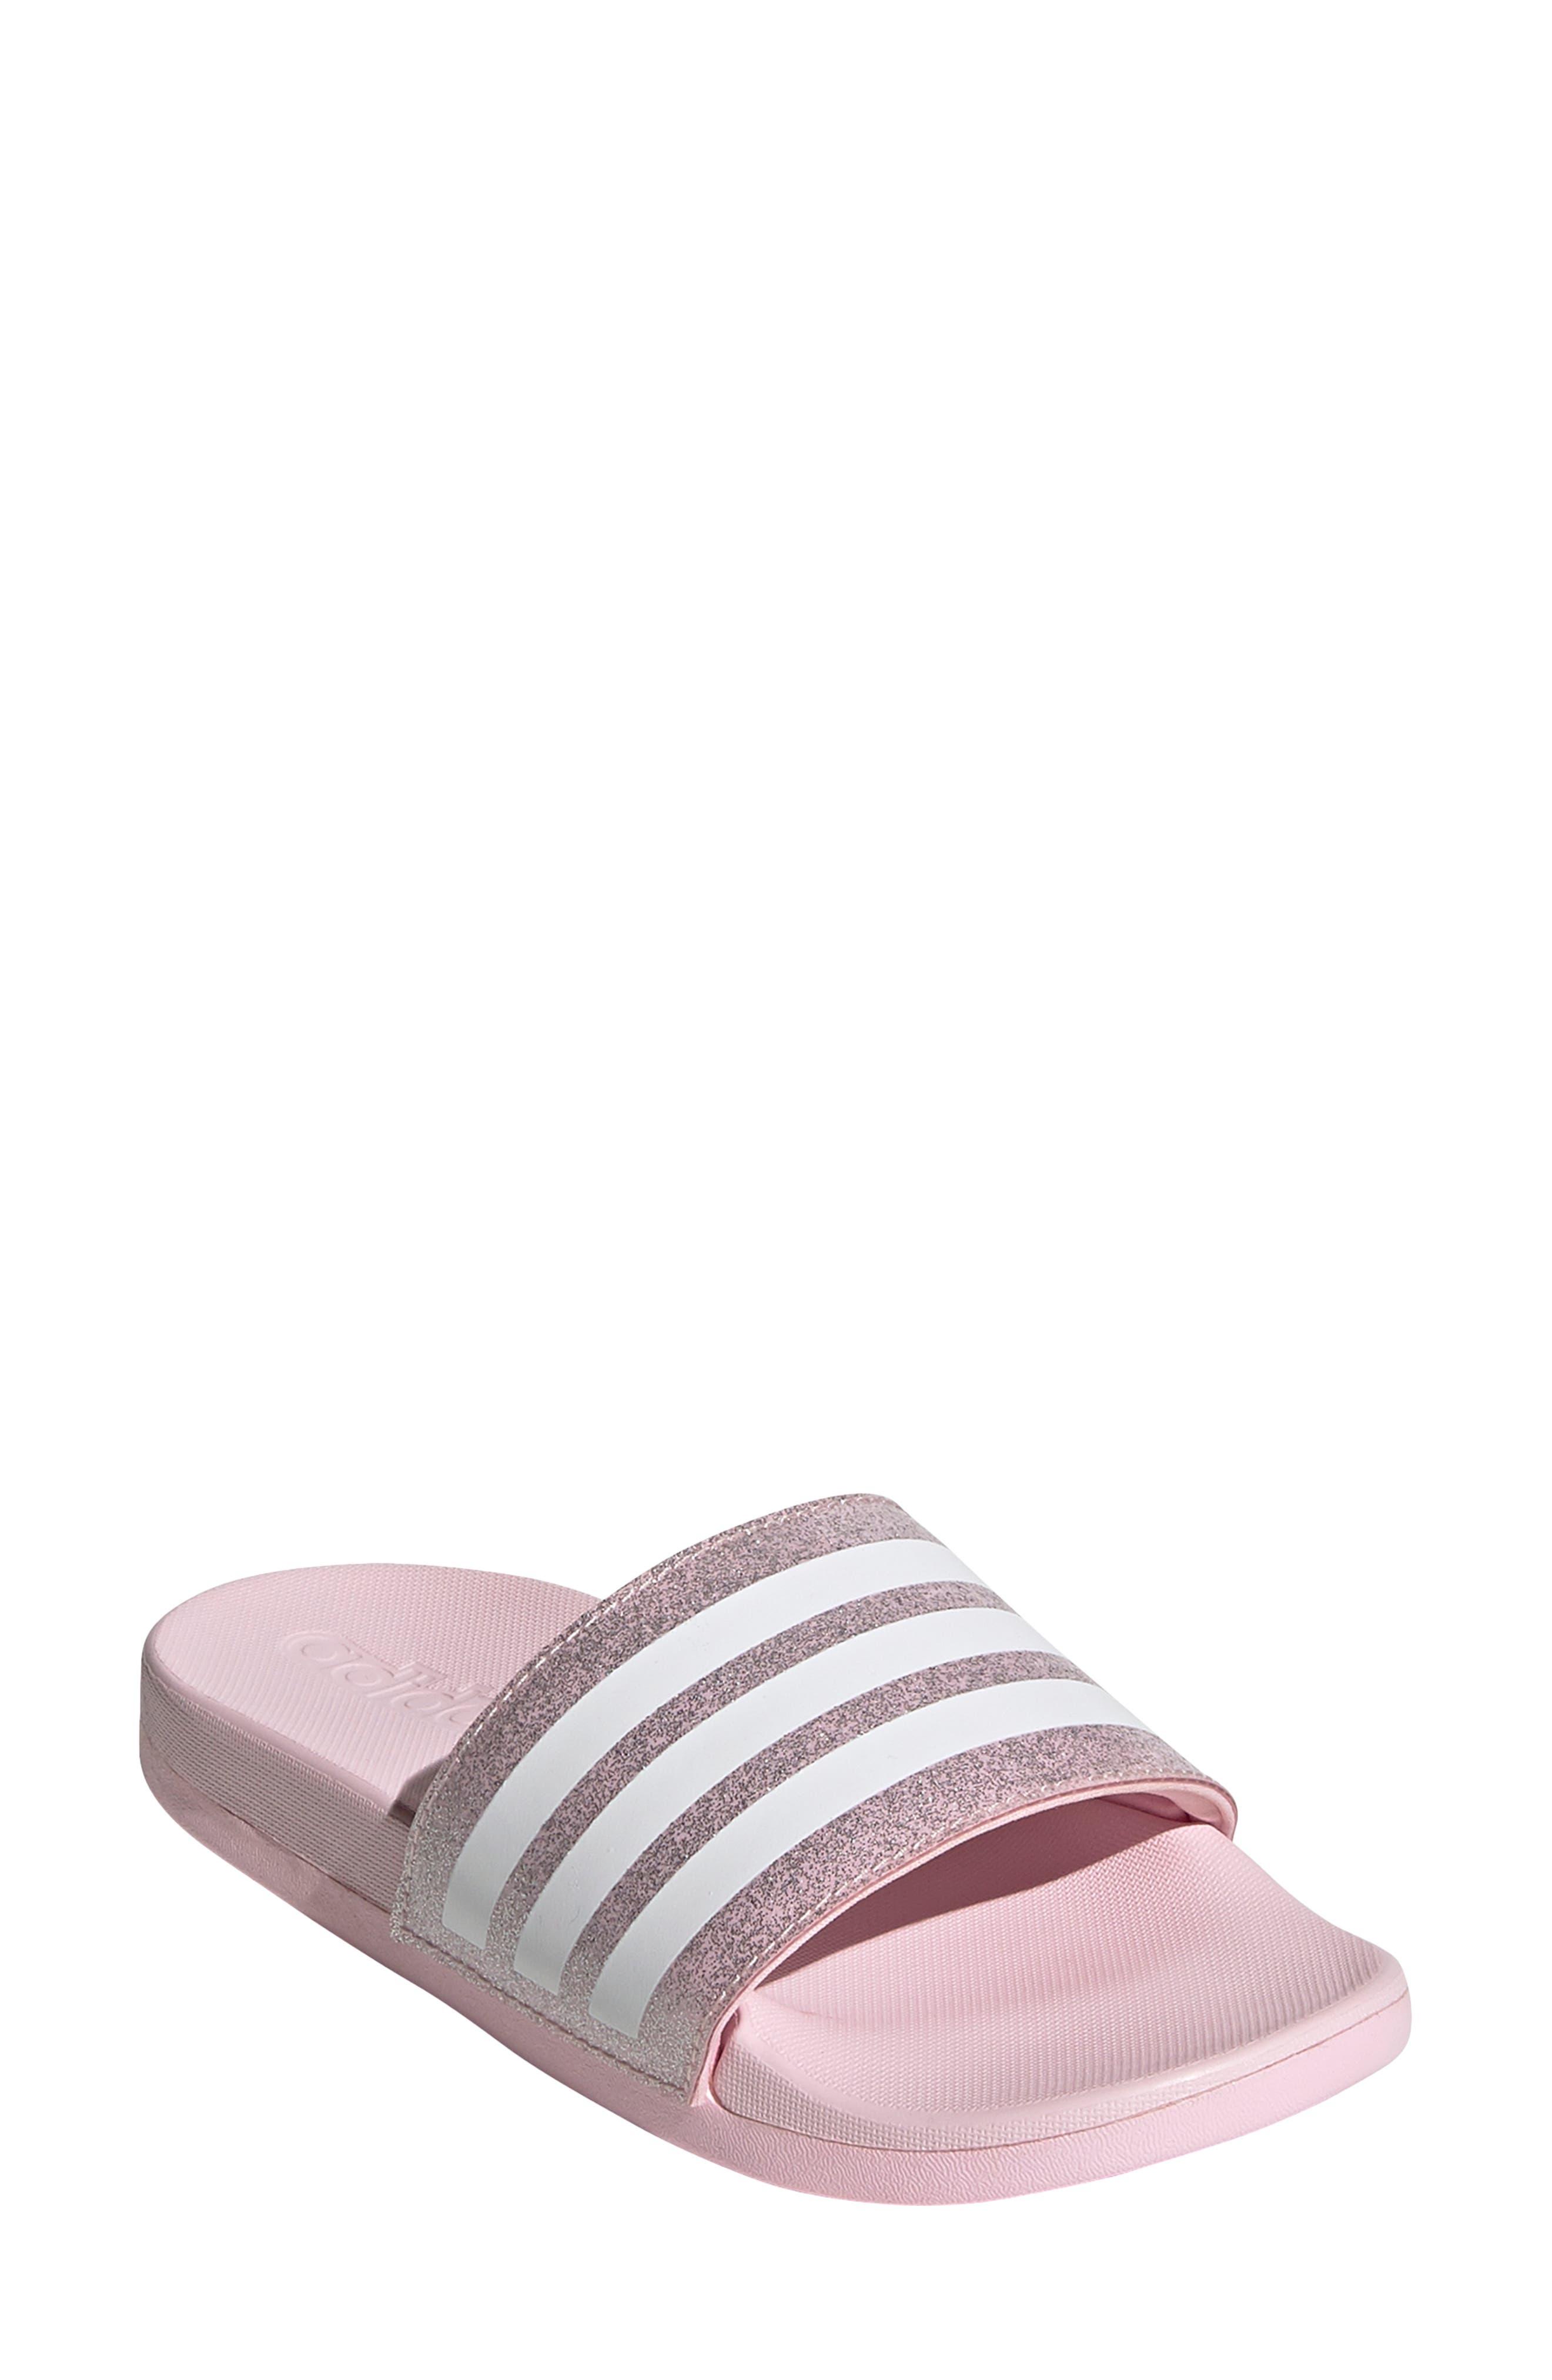 Adidas Originals ADILETTE COMFORT SANDAL